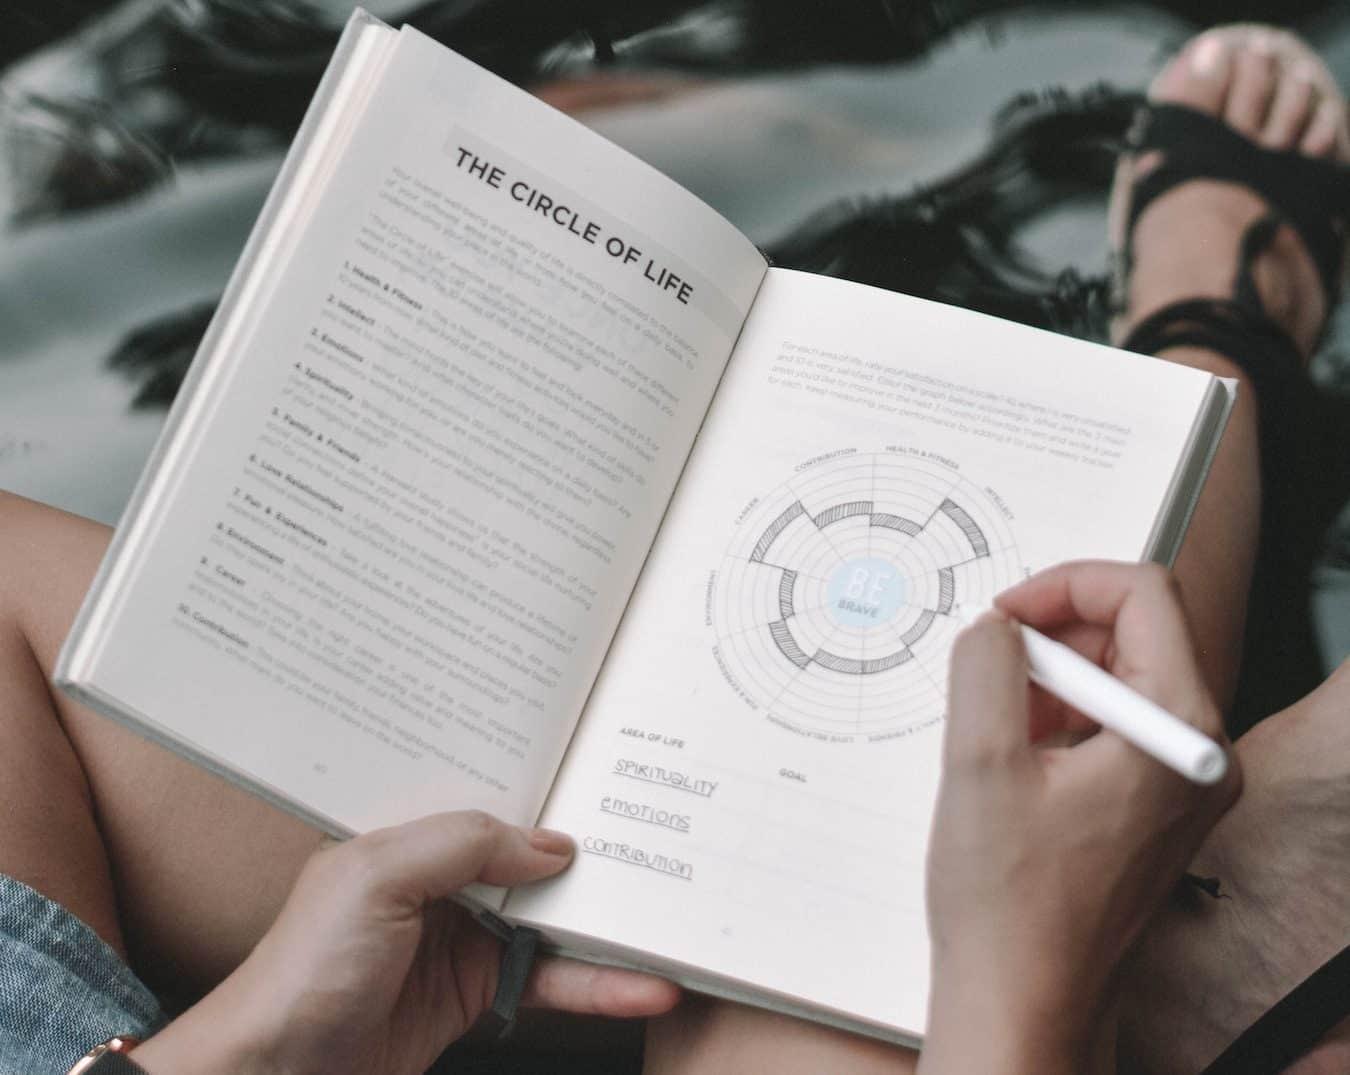 Я не люблю читать книги. Книги — не мое. Читать книги бессмысленно.